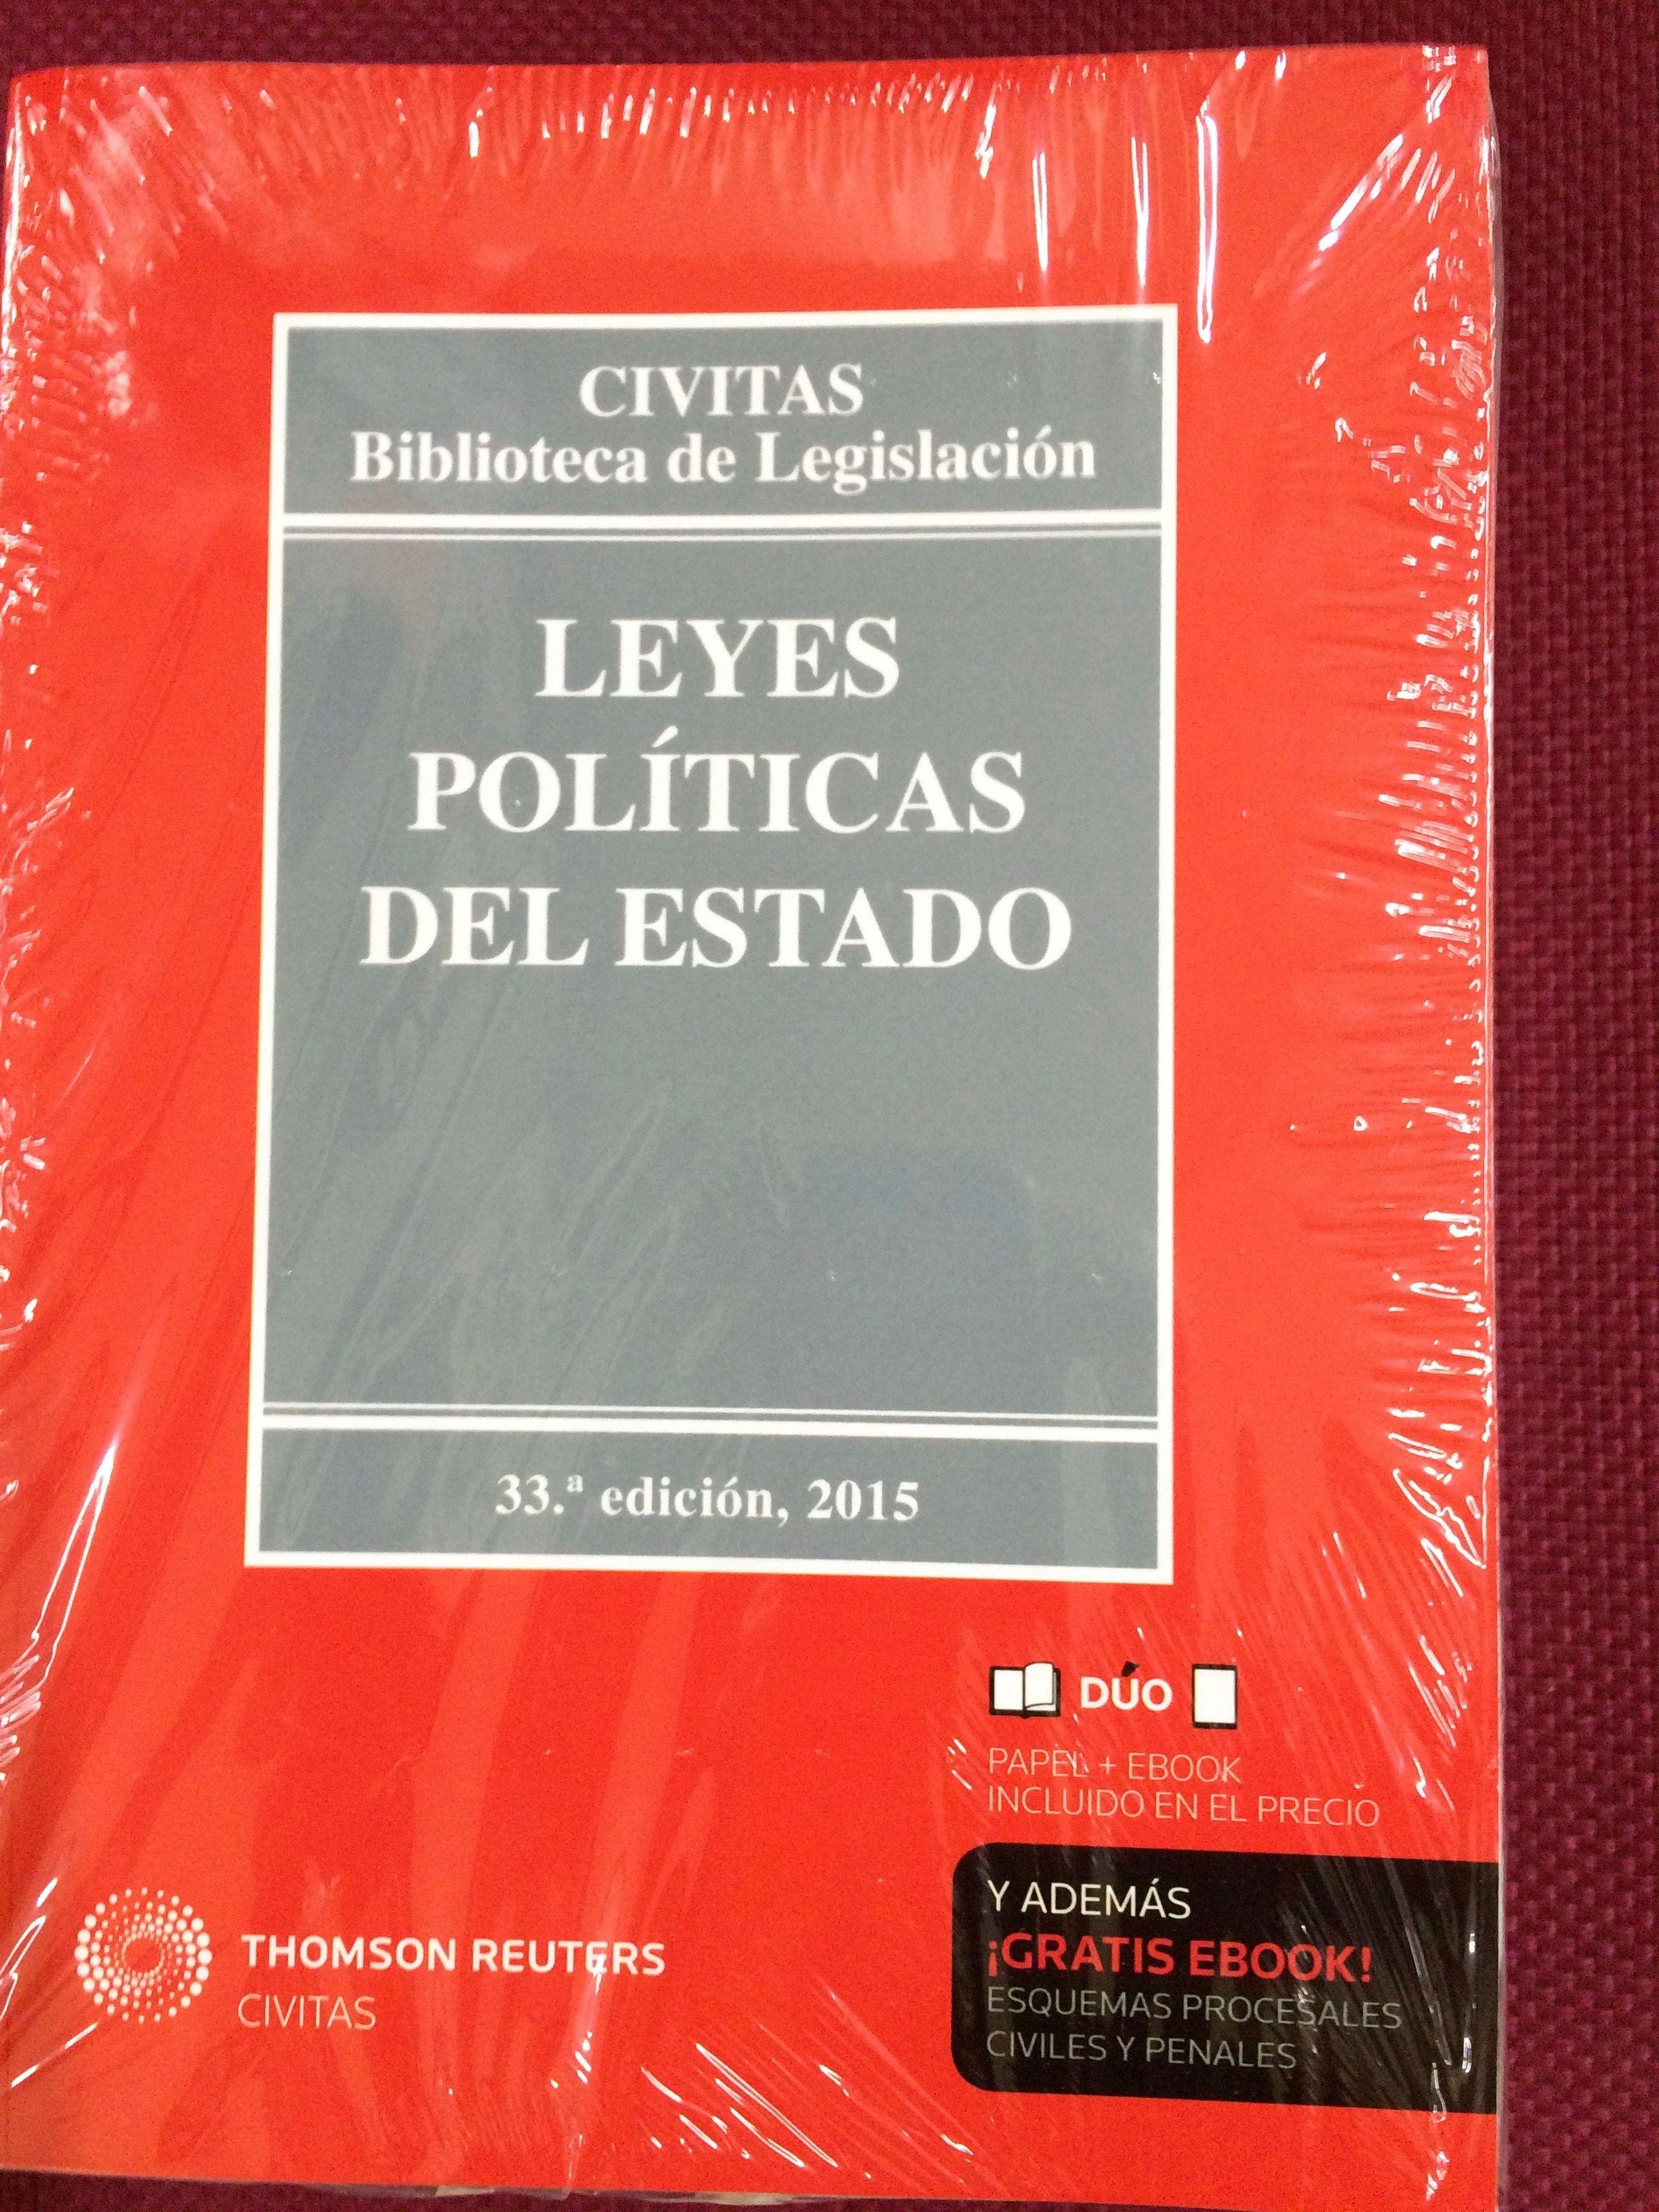 #Manuales #Universitarios #TextosLegales #Derecho Leyes Políticas del Estado 2015.